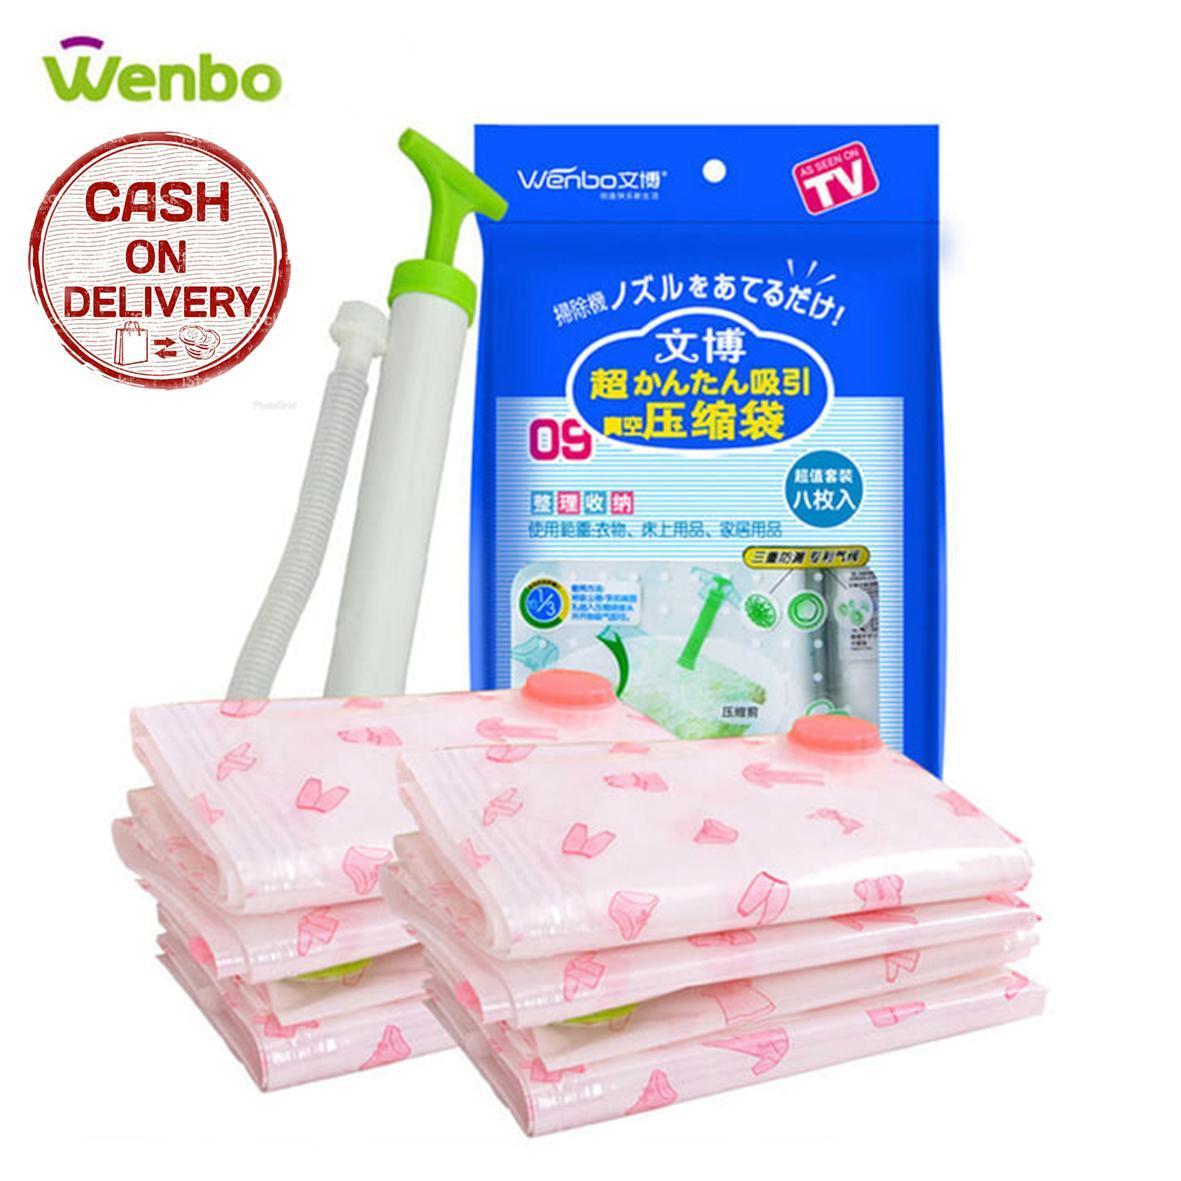 Kado Unik-- Wenbo Vacuum Bag / Vakum Bag Plastik Set Isi 8 + Free Pompa Manual / Tas Kantong Plastik / Tempat Penyimpanan Pakaian,Selimut,Bed Cover,Dll / Tempat Penyimpanan Serbaguna / Travel Bag Set Murah / Storage Bag Serbaguna